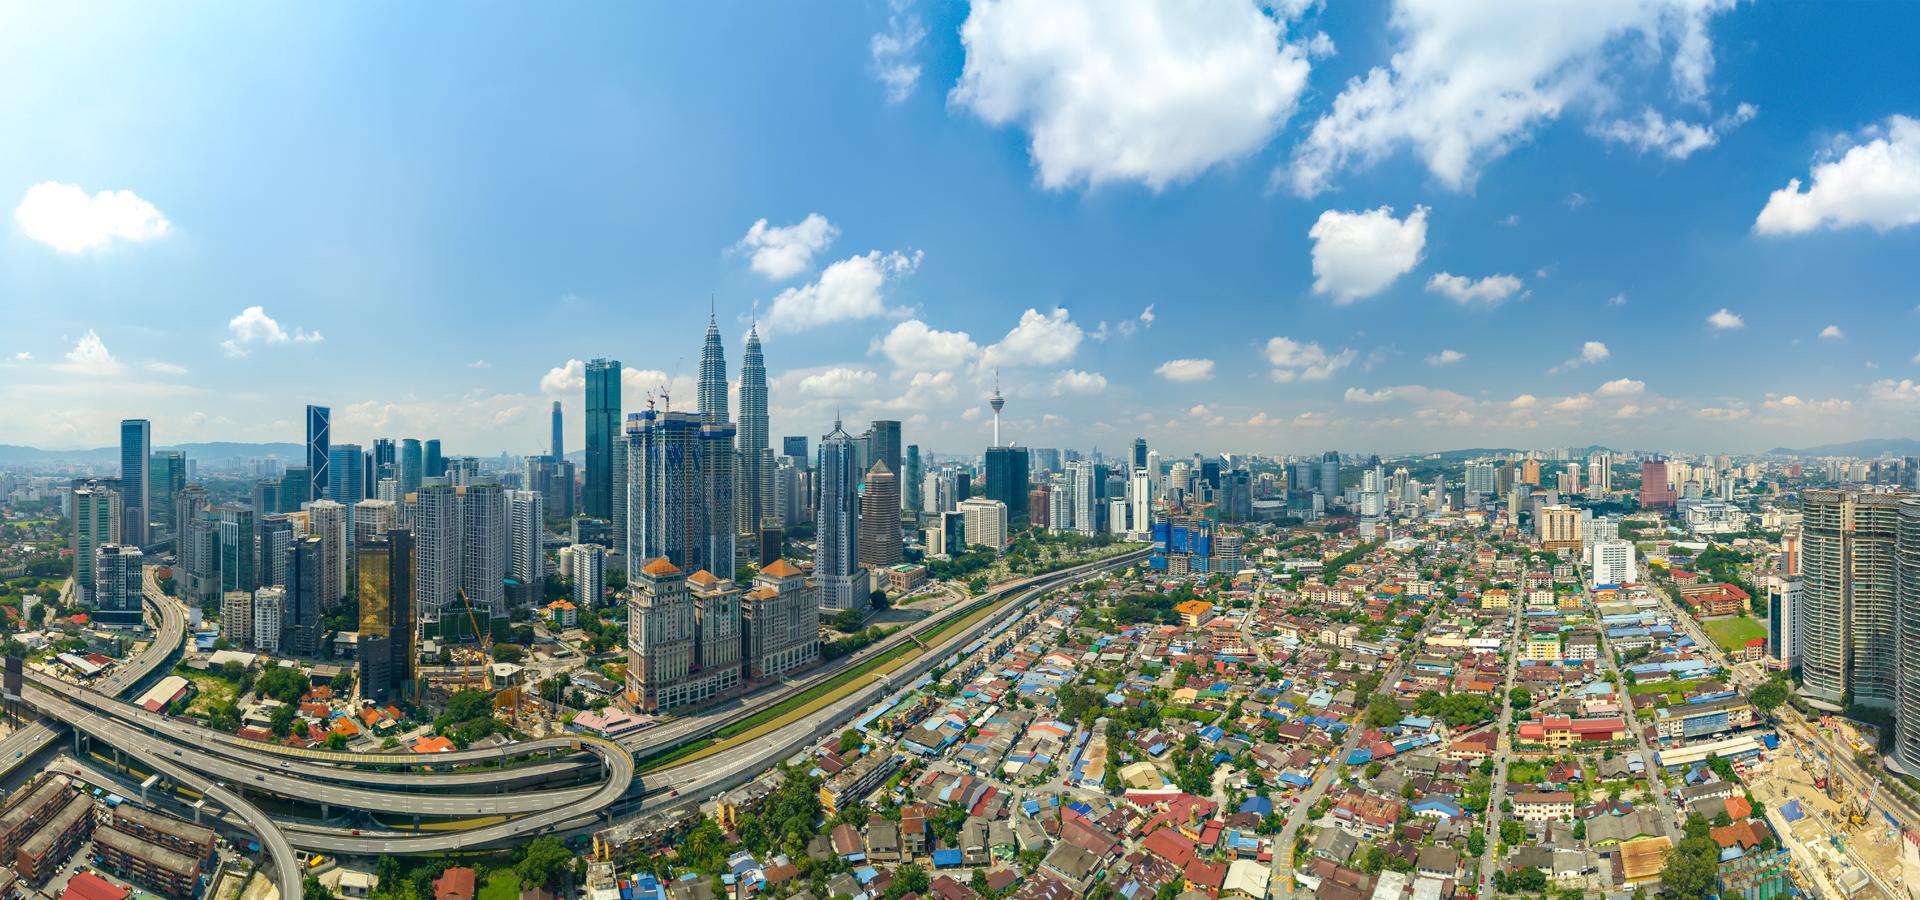 Peer-to-peer advisory in Kuala Lumpur, Malaysia